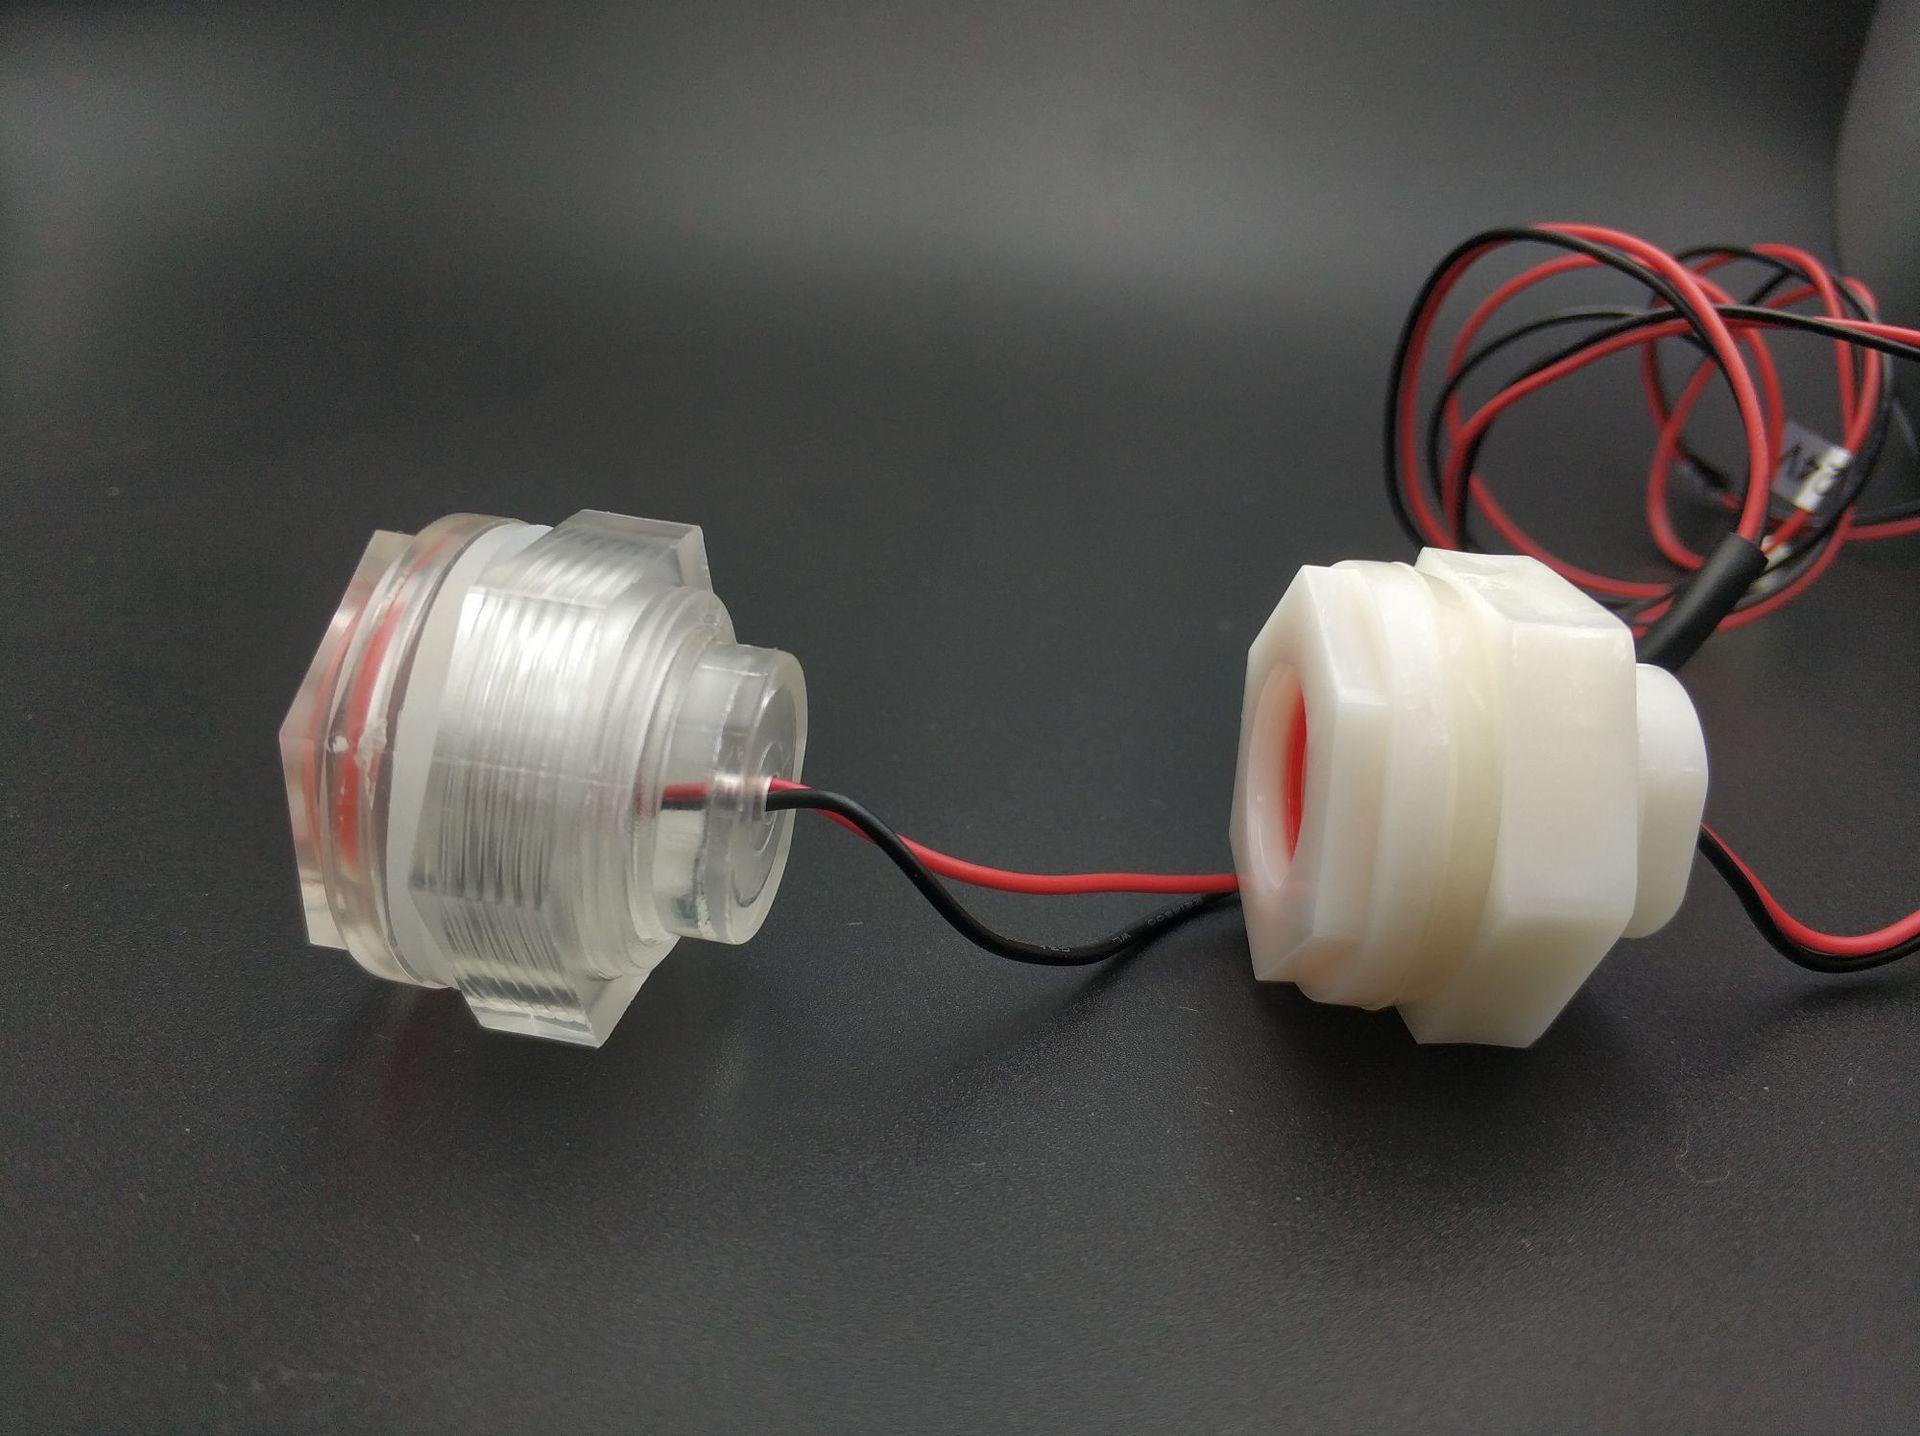 UVCLED深紫外水箱消毒杀菌防水空气加湿器饮水机消毒灯模块 方案